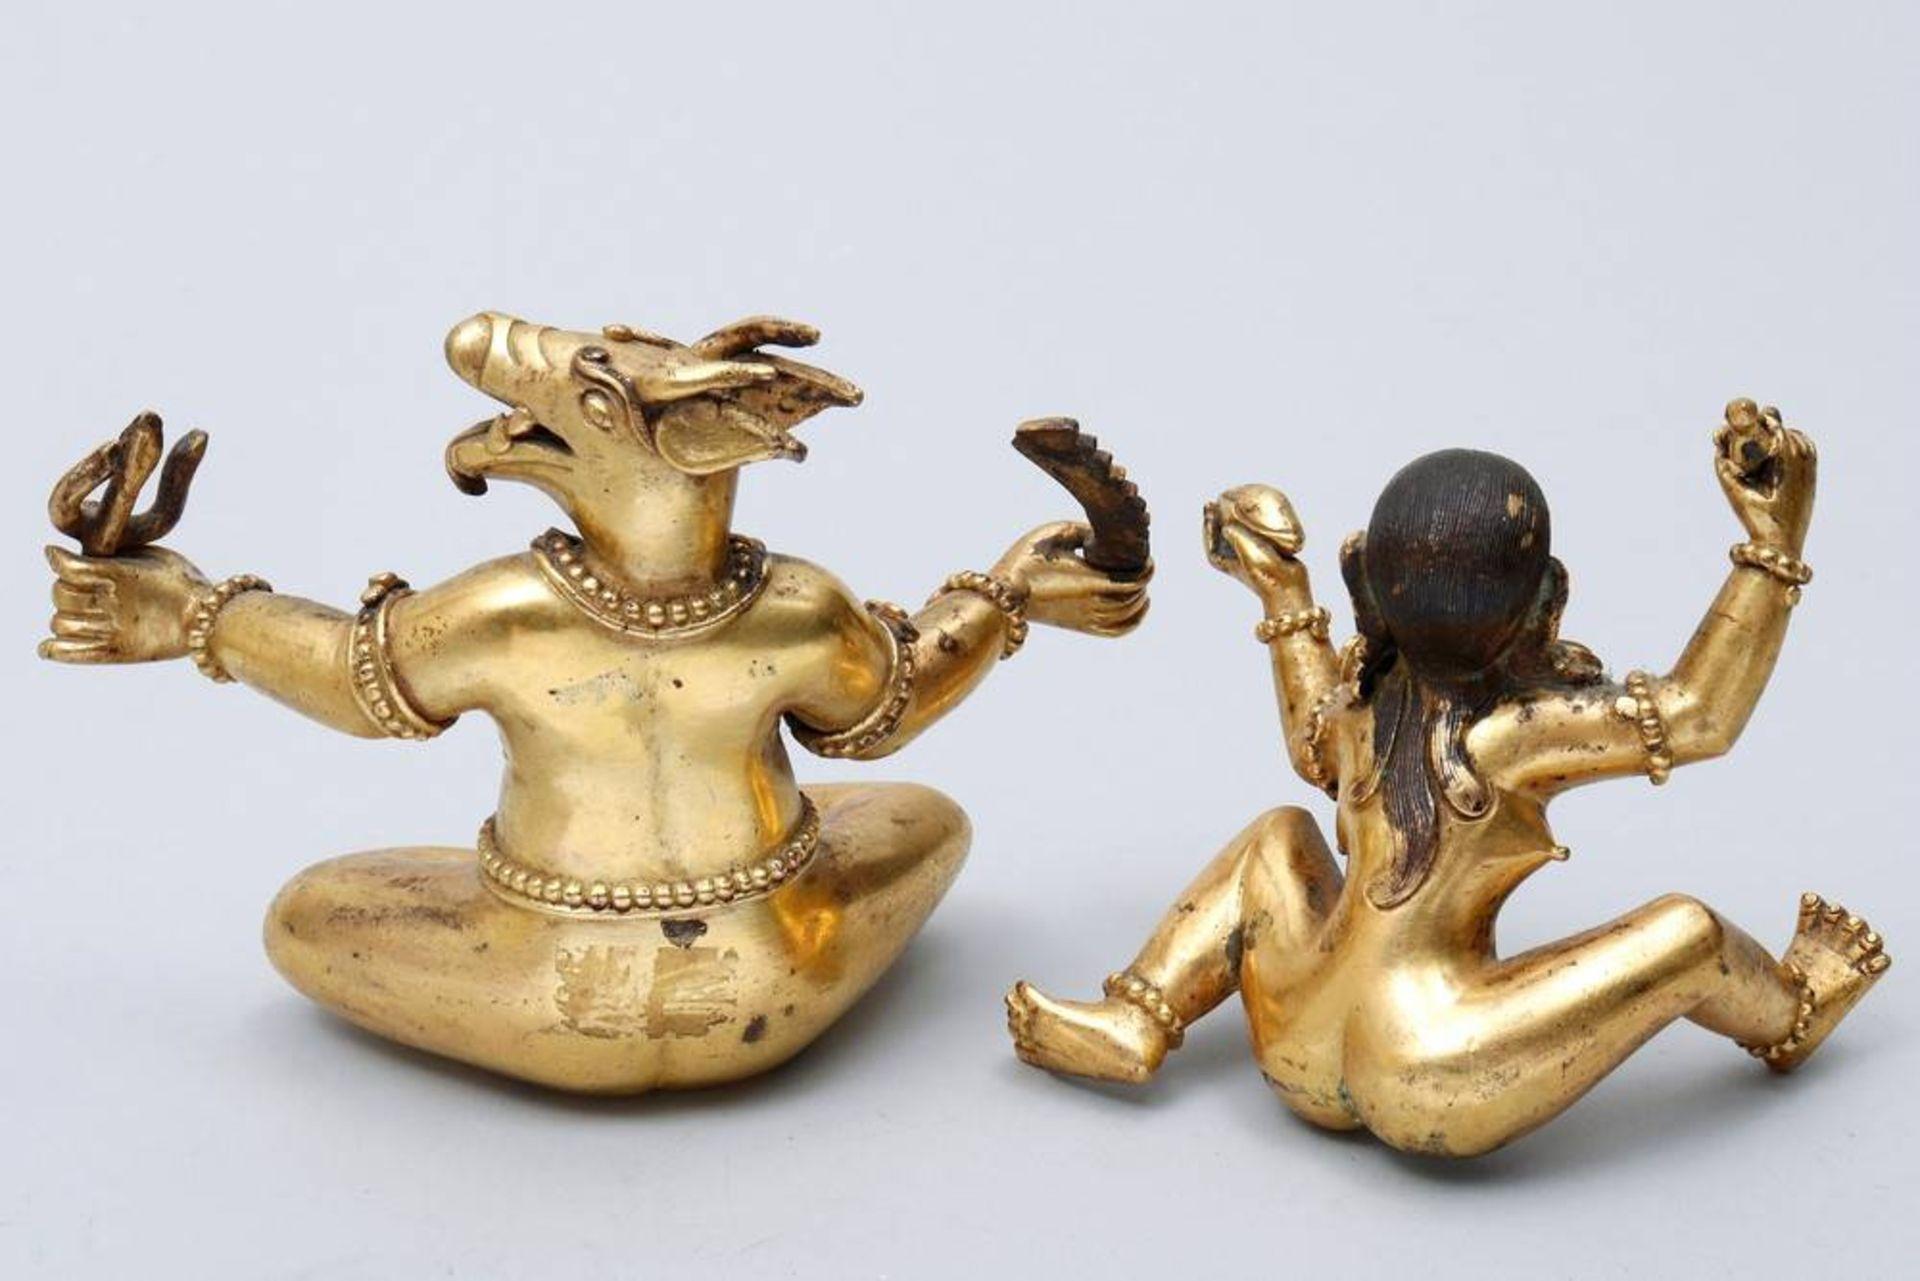 Buddhistische Gottheit Nepal/Tibet, 18./19.Jh., wohl Yama Dharmaraja mit Chamundi, in sitzender - Bild 8 aus 10